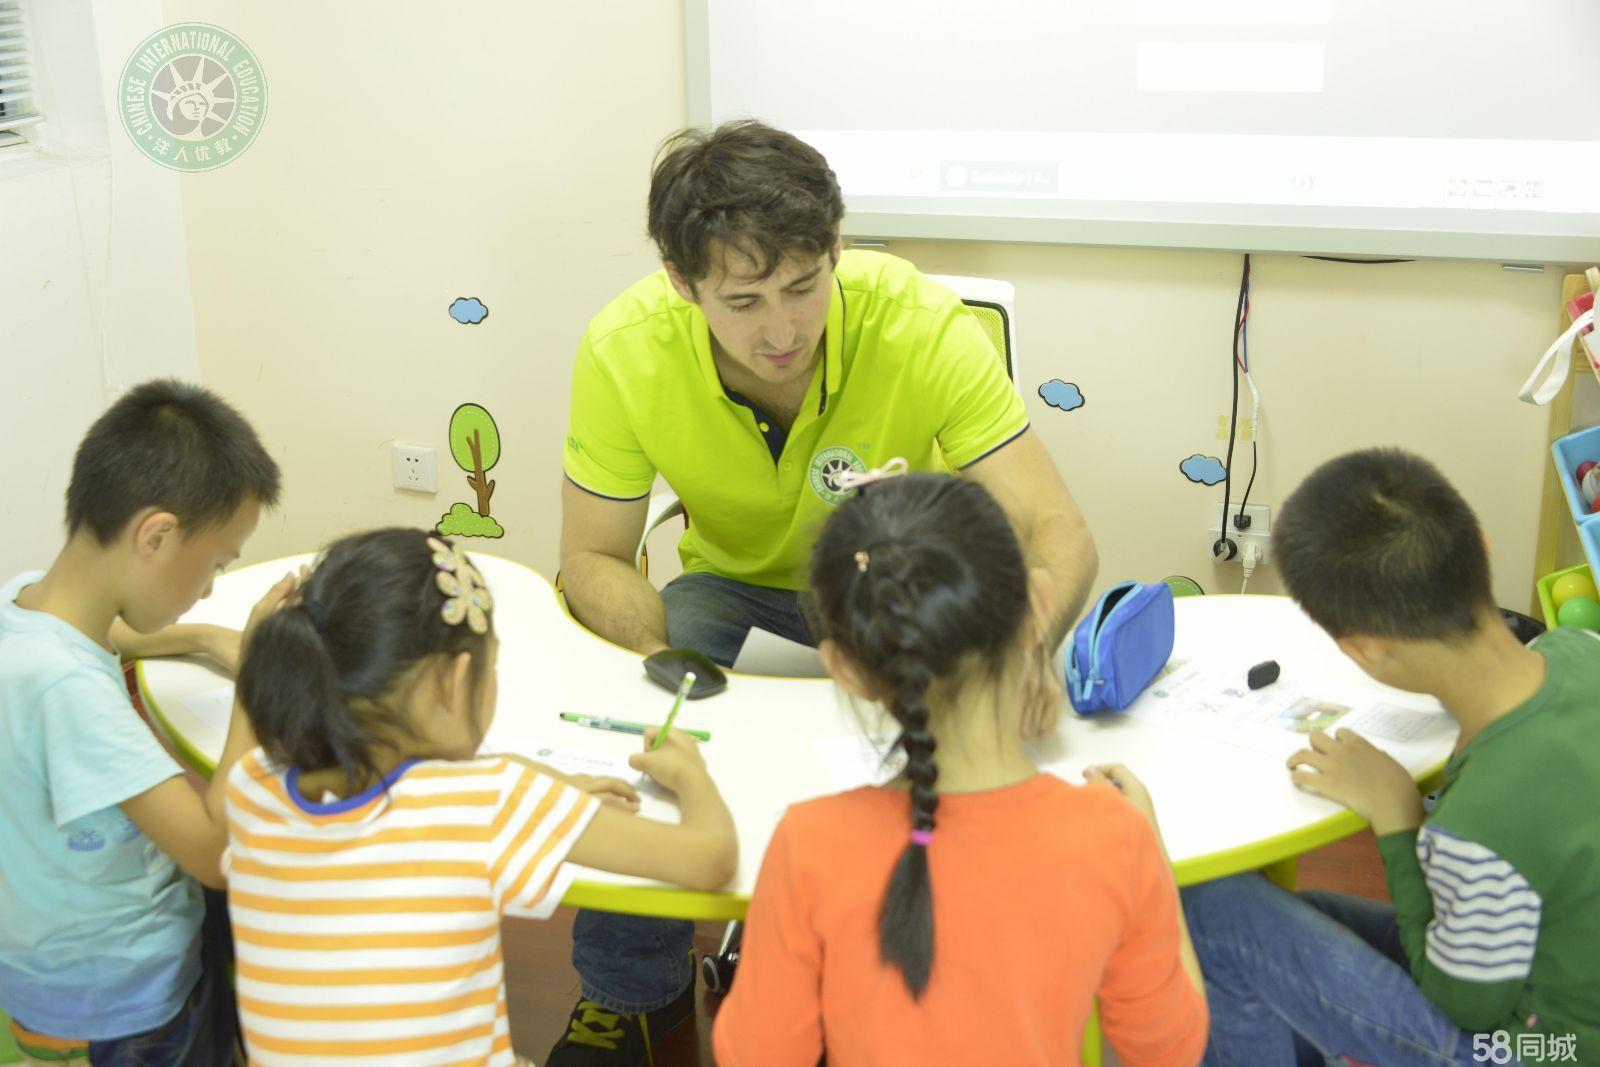 广州海珠小学英语培训班哪家好